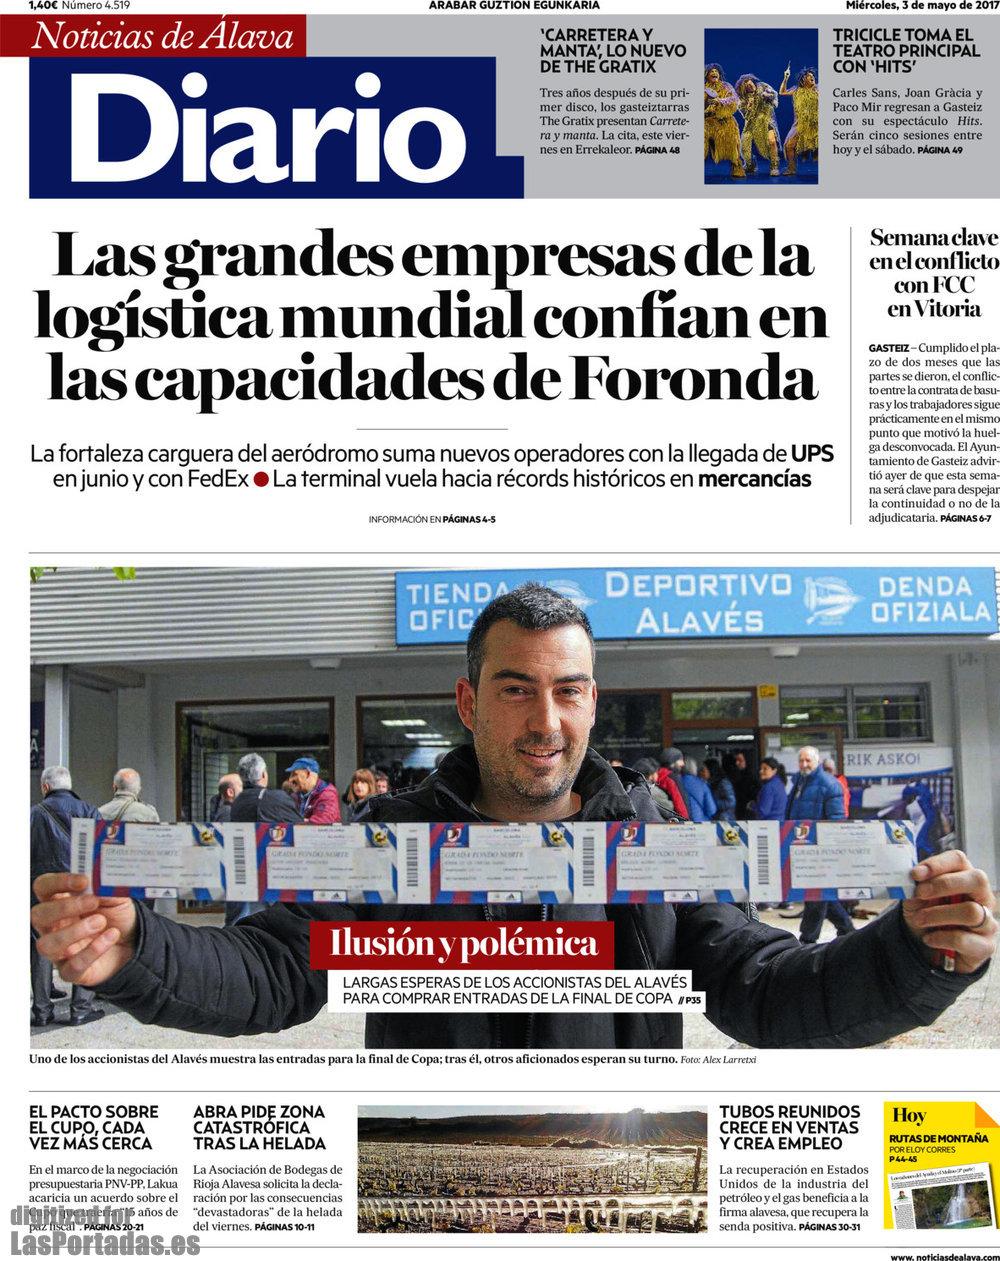 Periodico diario de noticias de lava 3 5 2017 for Lo ultimo en noticias del espectaculo